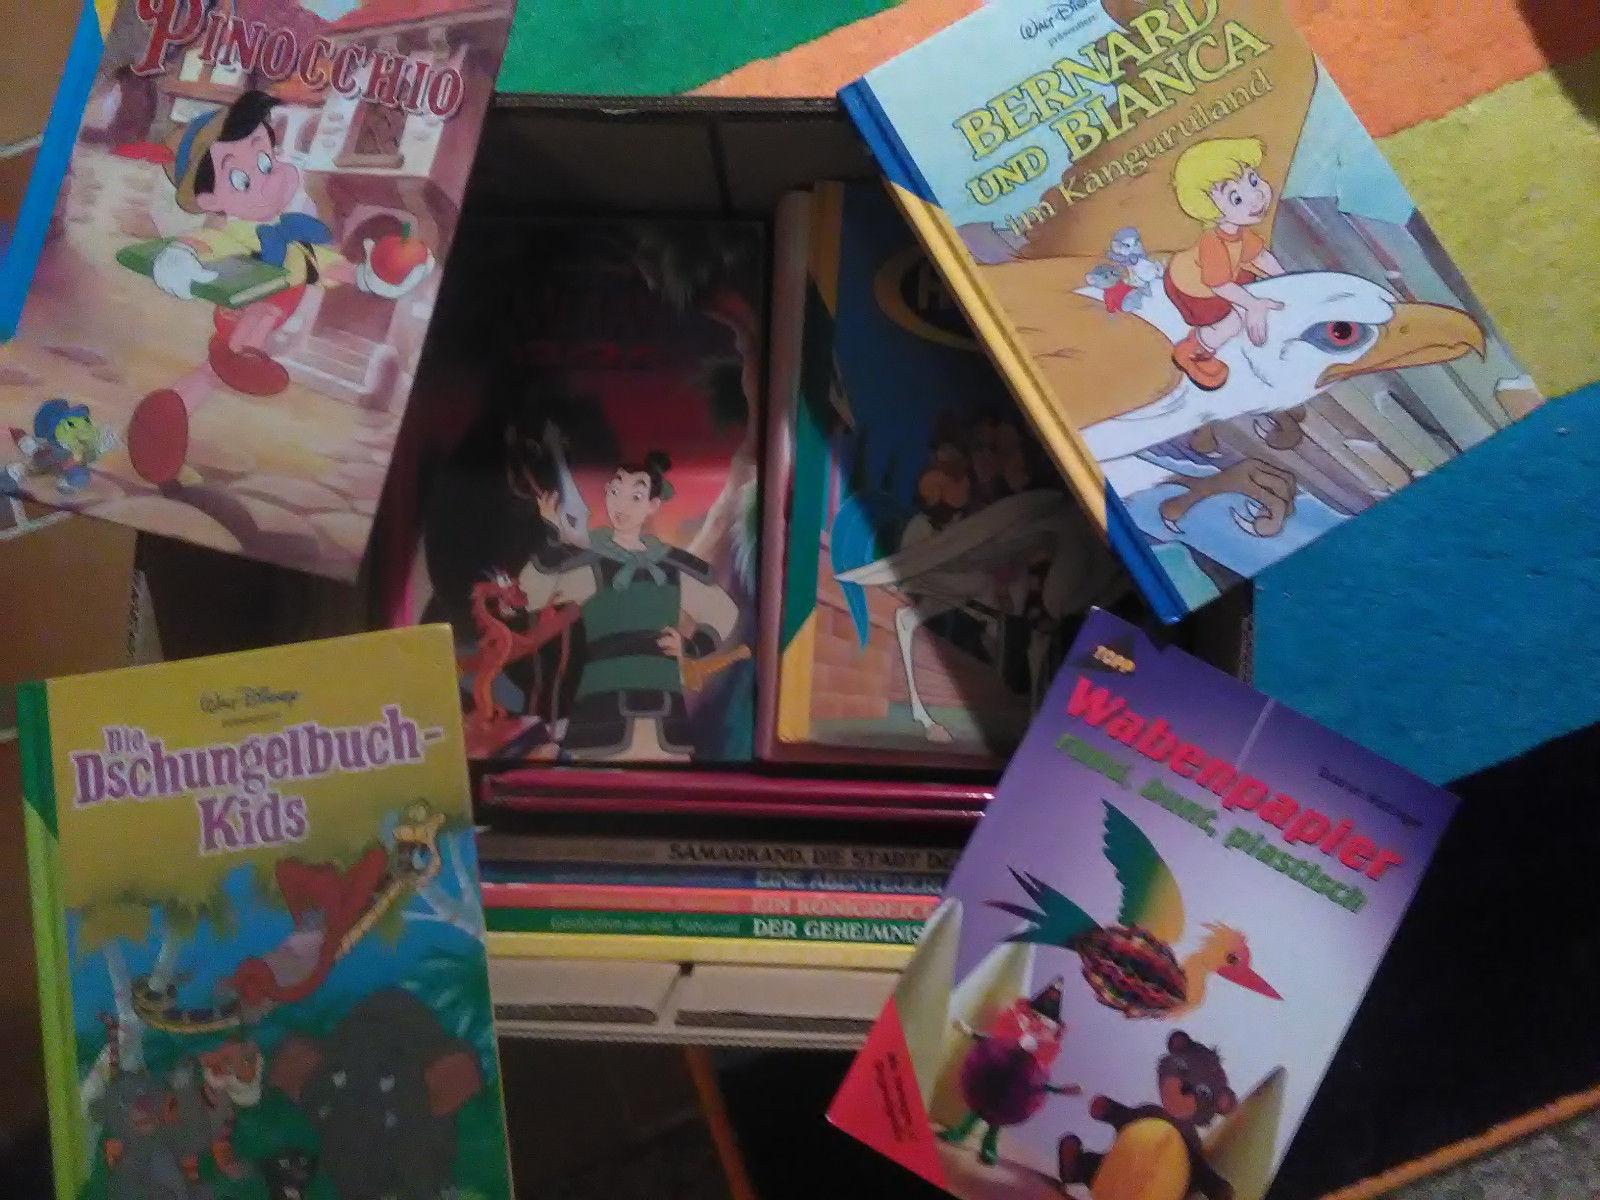 Riesiges Paket von 79 tollen Kinderbüchern & Pappbücher Walt Disney Mogli uvm